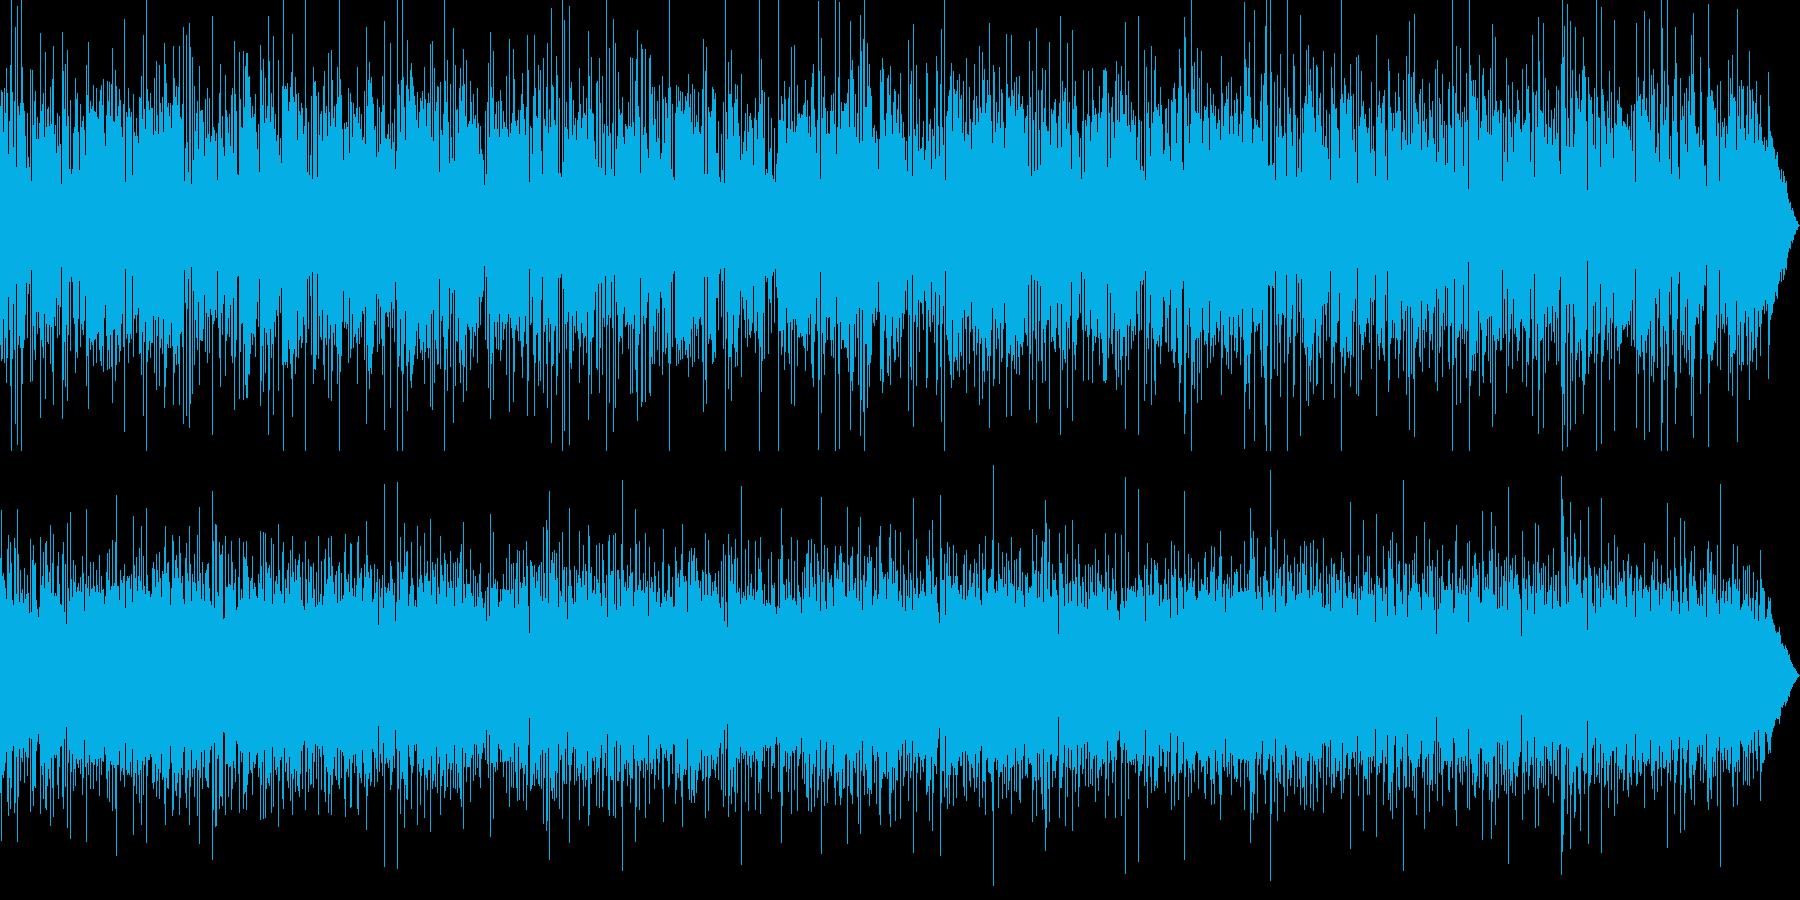 フュージョンジャズ、おしゃれ、都会的の再生済みの波形